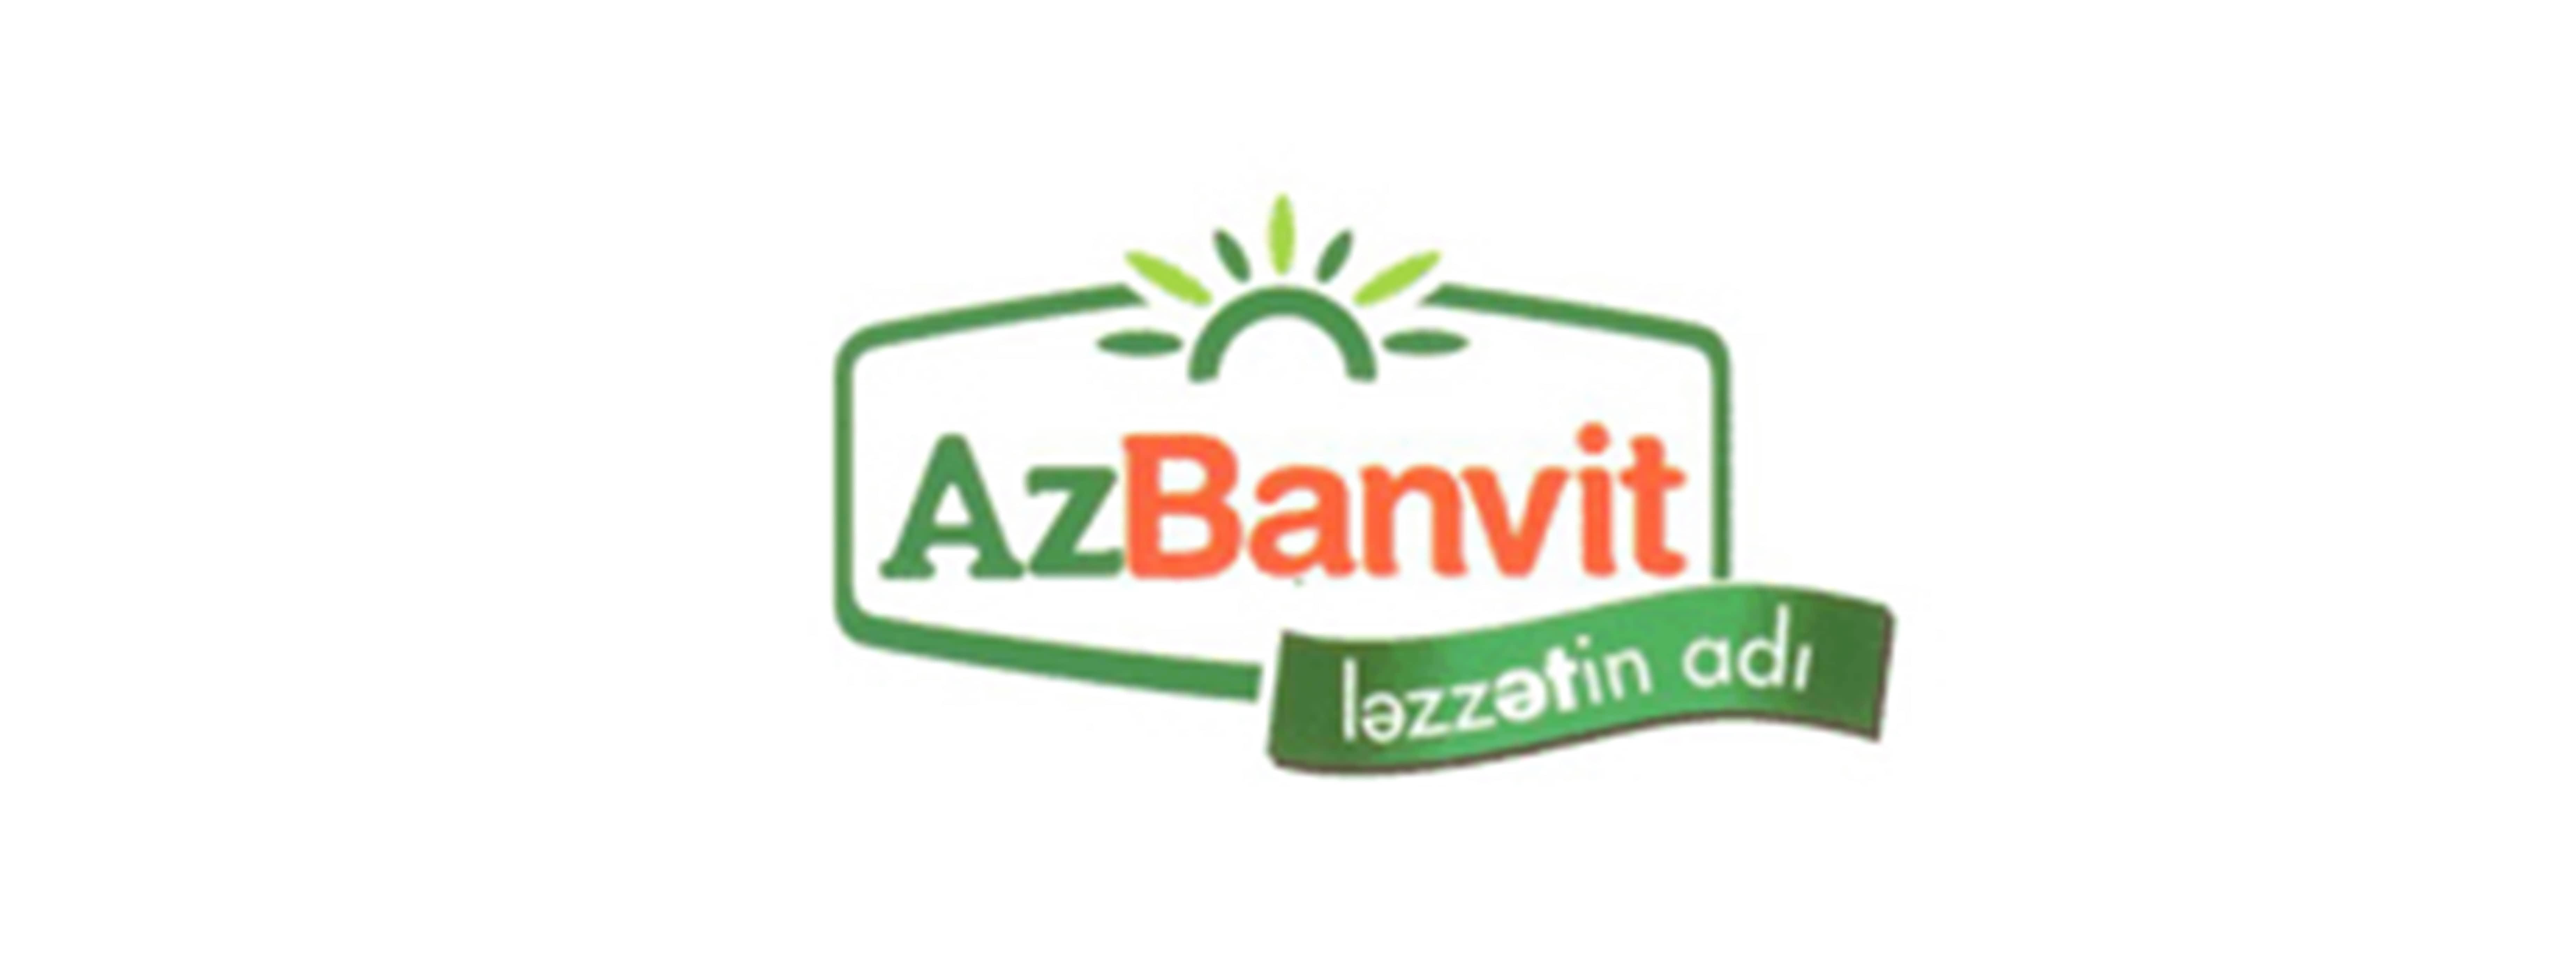 AzBanvit